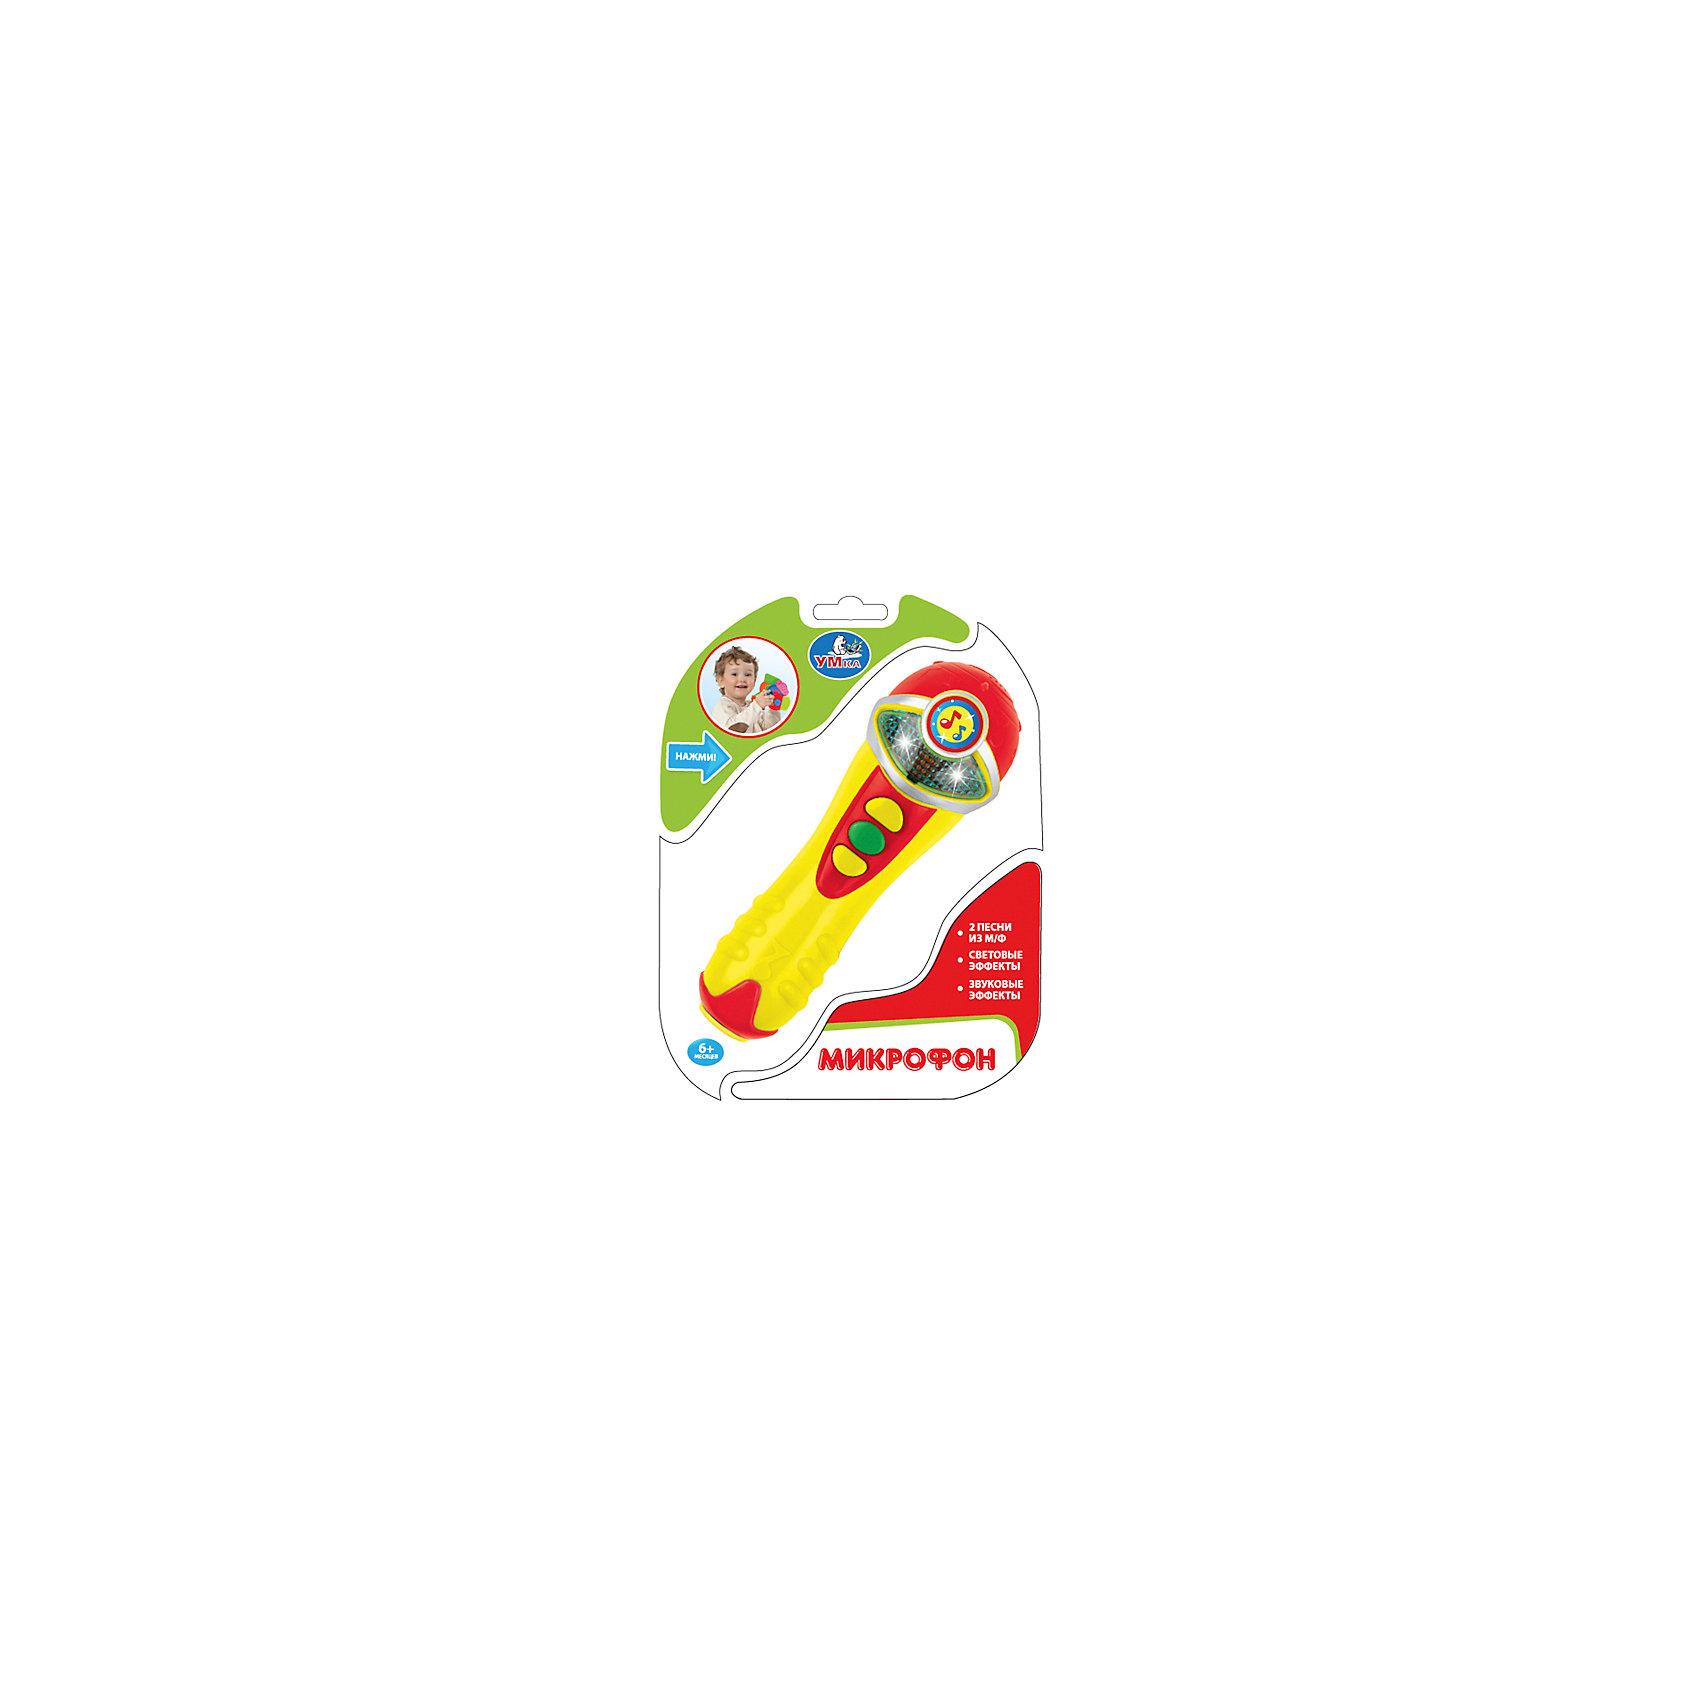 Микрофон с песнями В.Шаинского (3 песни), со светом и звуковыми эффектами, УмкаМикрофон с песнями В. Шаинского (3 песни), со светом и звуковыми эффектами, Умка – игрушка подарит малышу много прекрасных и радостных моментов.<br>Этот развивающий и очень внешне привлекательный микрофон познакомит ребенка с миром музыки и просто доставит ему много радости. Он даст малышу возможность прослушать 3 песни В. Шаинского. Для того, чтобы играть было интереснее, производитель оснастил его световыми эффектами и функцией аплодисменты. Корпус устройства выполнен из высококачественного пластика ярких цветов. Чтобы начать игру, малышу будет достаточно нажать одну из кнопок, расположенных на микрофоне. Нажимая на кнопки, слушая веселые песенки, ваш малыш проведет время увлекательно и с пользой. Игра с этим микрофоном развивает слух, зрение, музыкальную память, концентрацию внимания, моторику, воображение, артистизм, творческое мышление.<br><br>Дополнительная информация:<br><br>- Материал: пластик<br>- Батарейки: 2 типа LR44 (в комплект входят демонстрационные)<br>- Размер упаковки: 17 x 6 x 22 см.<br><br>Микрофон с песнями В. Шаинского (3 песни), со светом и звуковыми эффектами, Умка можно купить в нашем интернет-магазине.<br><br>Ширина мм: 440<br>Глубина мм: 340<br>Высота мм: 590<br>Вес г: 150<br>Возраст от месяцев: 36<br>Возраст до месяцев: 72<br>Пол: Унисекс<br>Возраст: Детский<br>SKU: 4185312